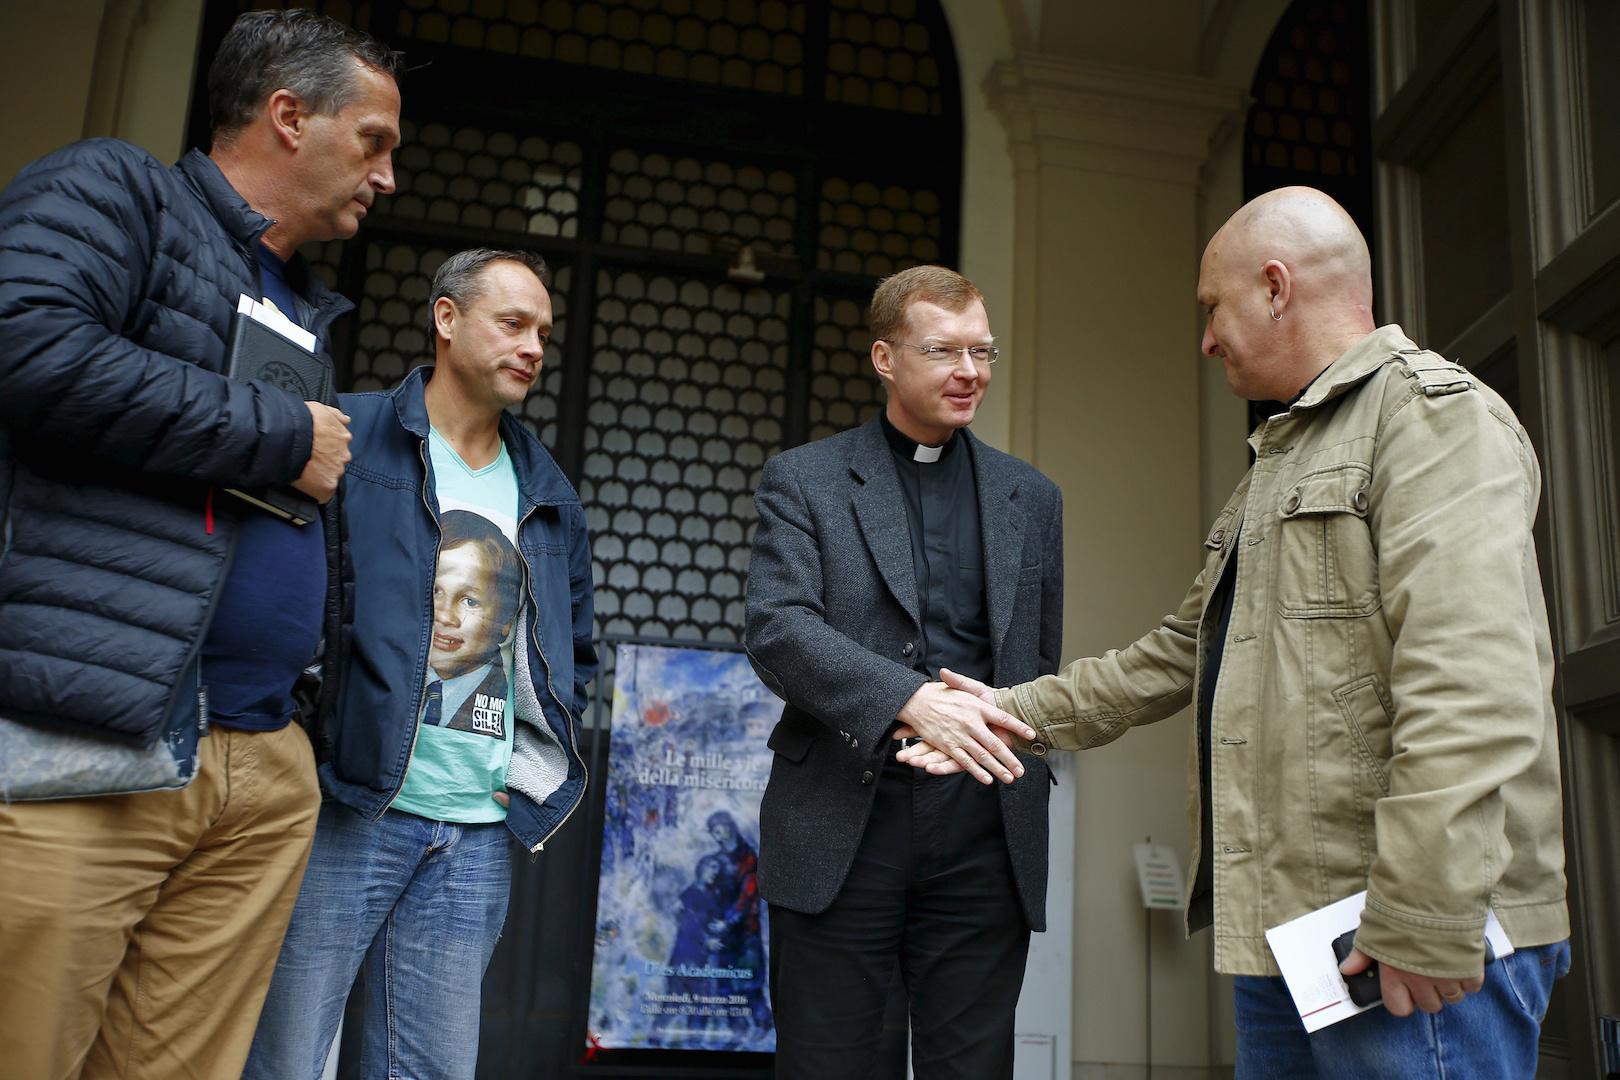 Padre Hans Zollner saluda Andrew Collins, David y Peter Ridsdale Blenkiron en la Pontificia Universidad Gregoriana, 3 de marzo de 2016. Los tres hombres dijeron que fueron víctimas de abuso sexual infantil en Australia.